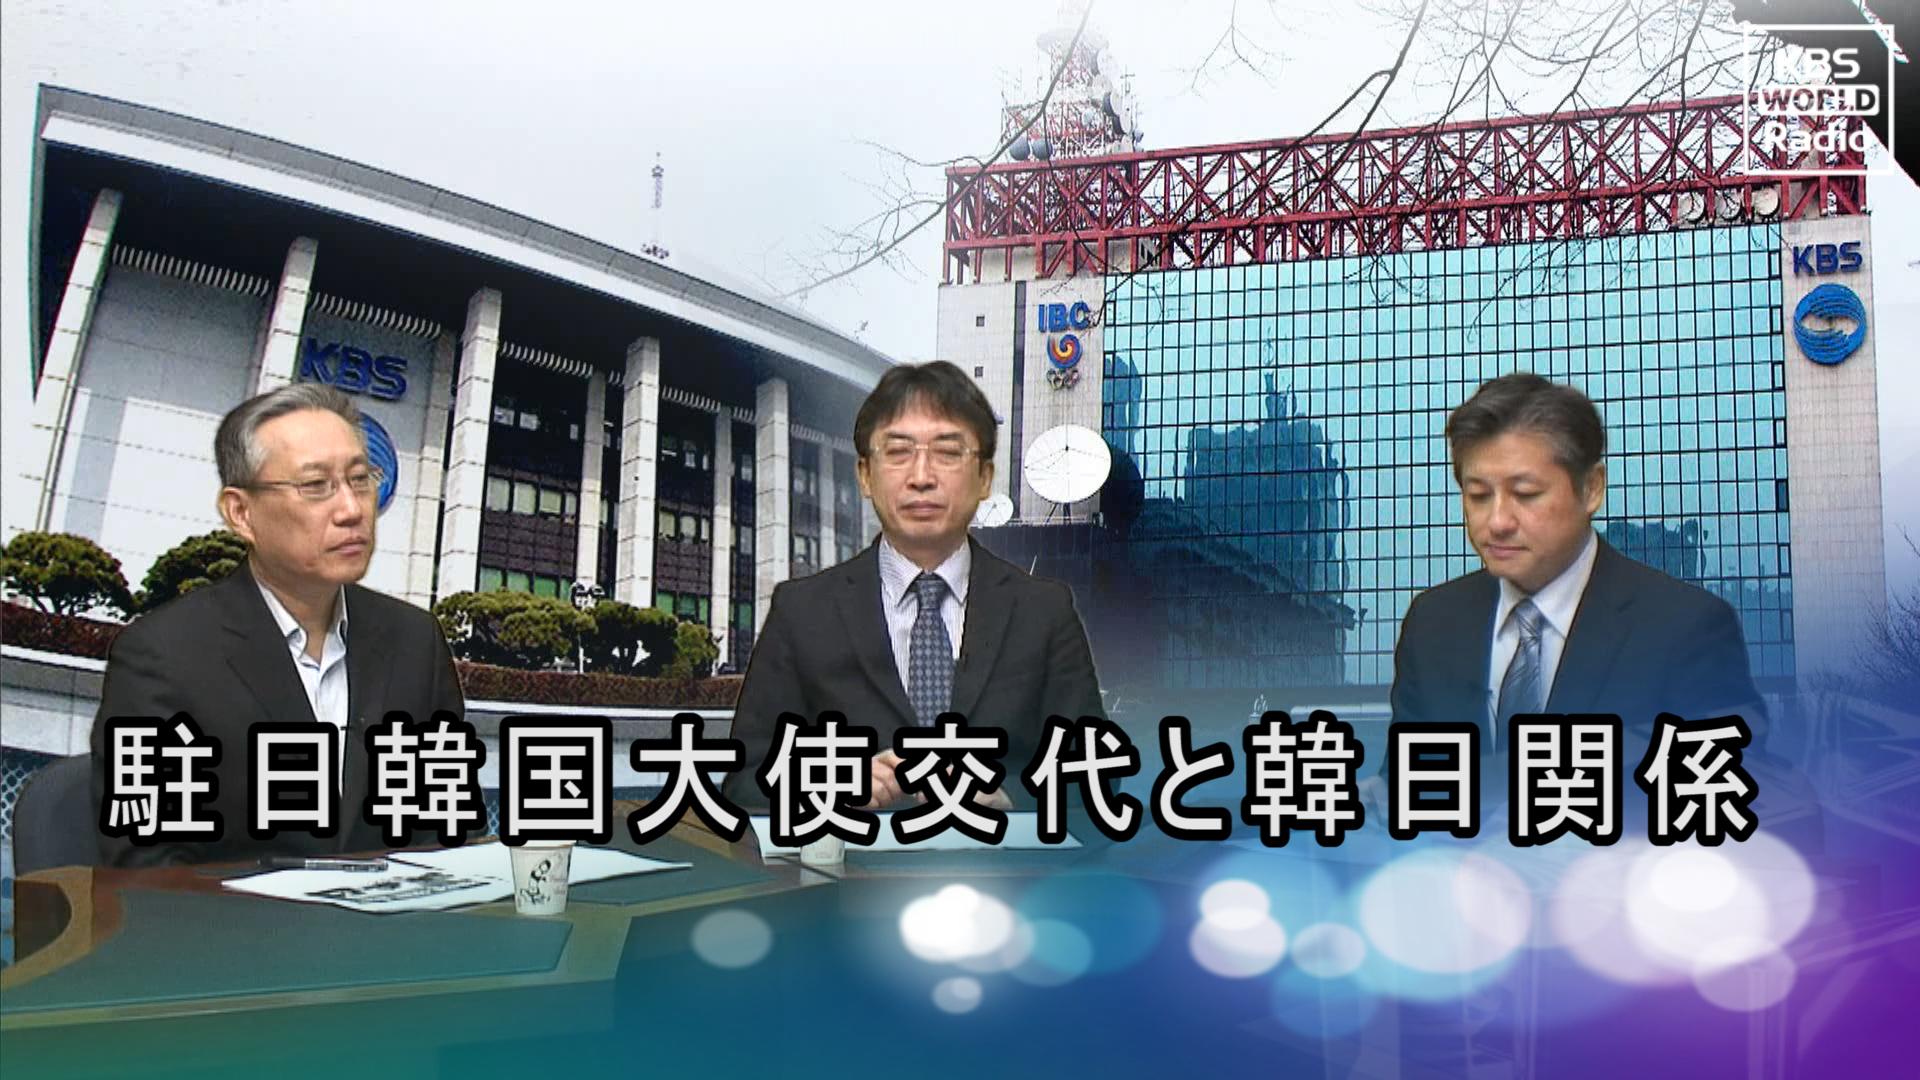 駐日韓国大使交代と韓日関係